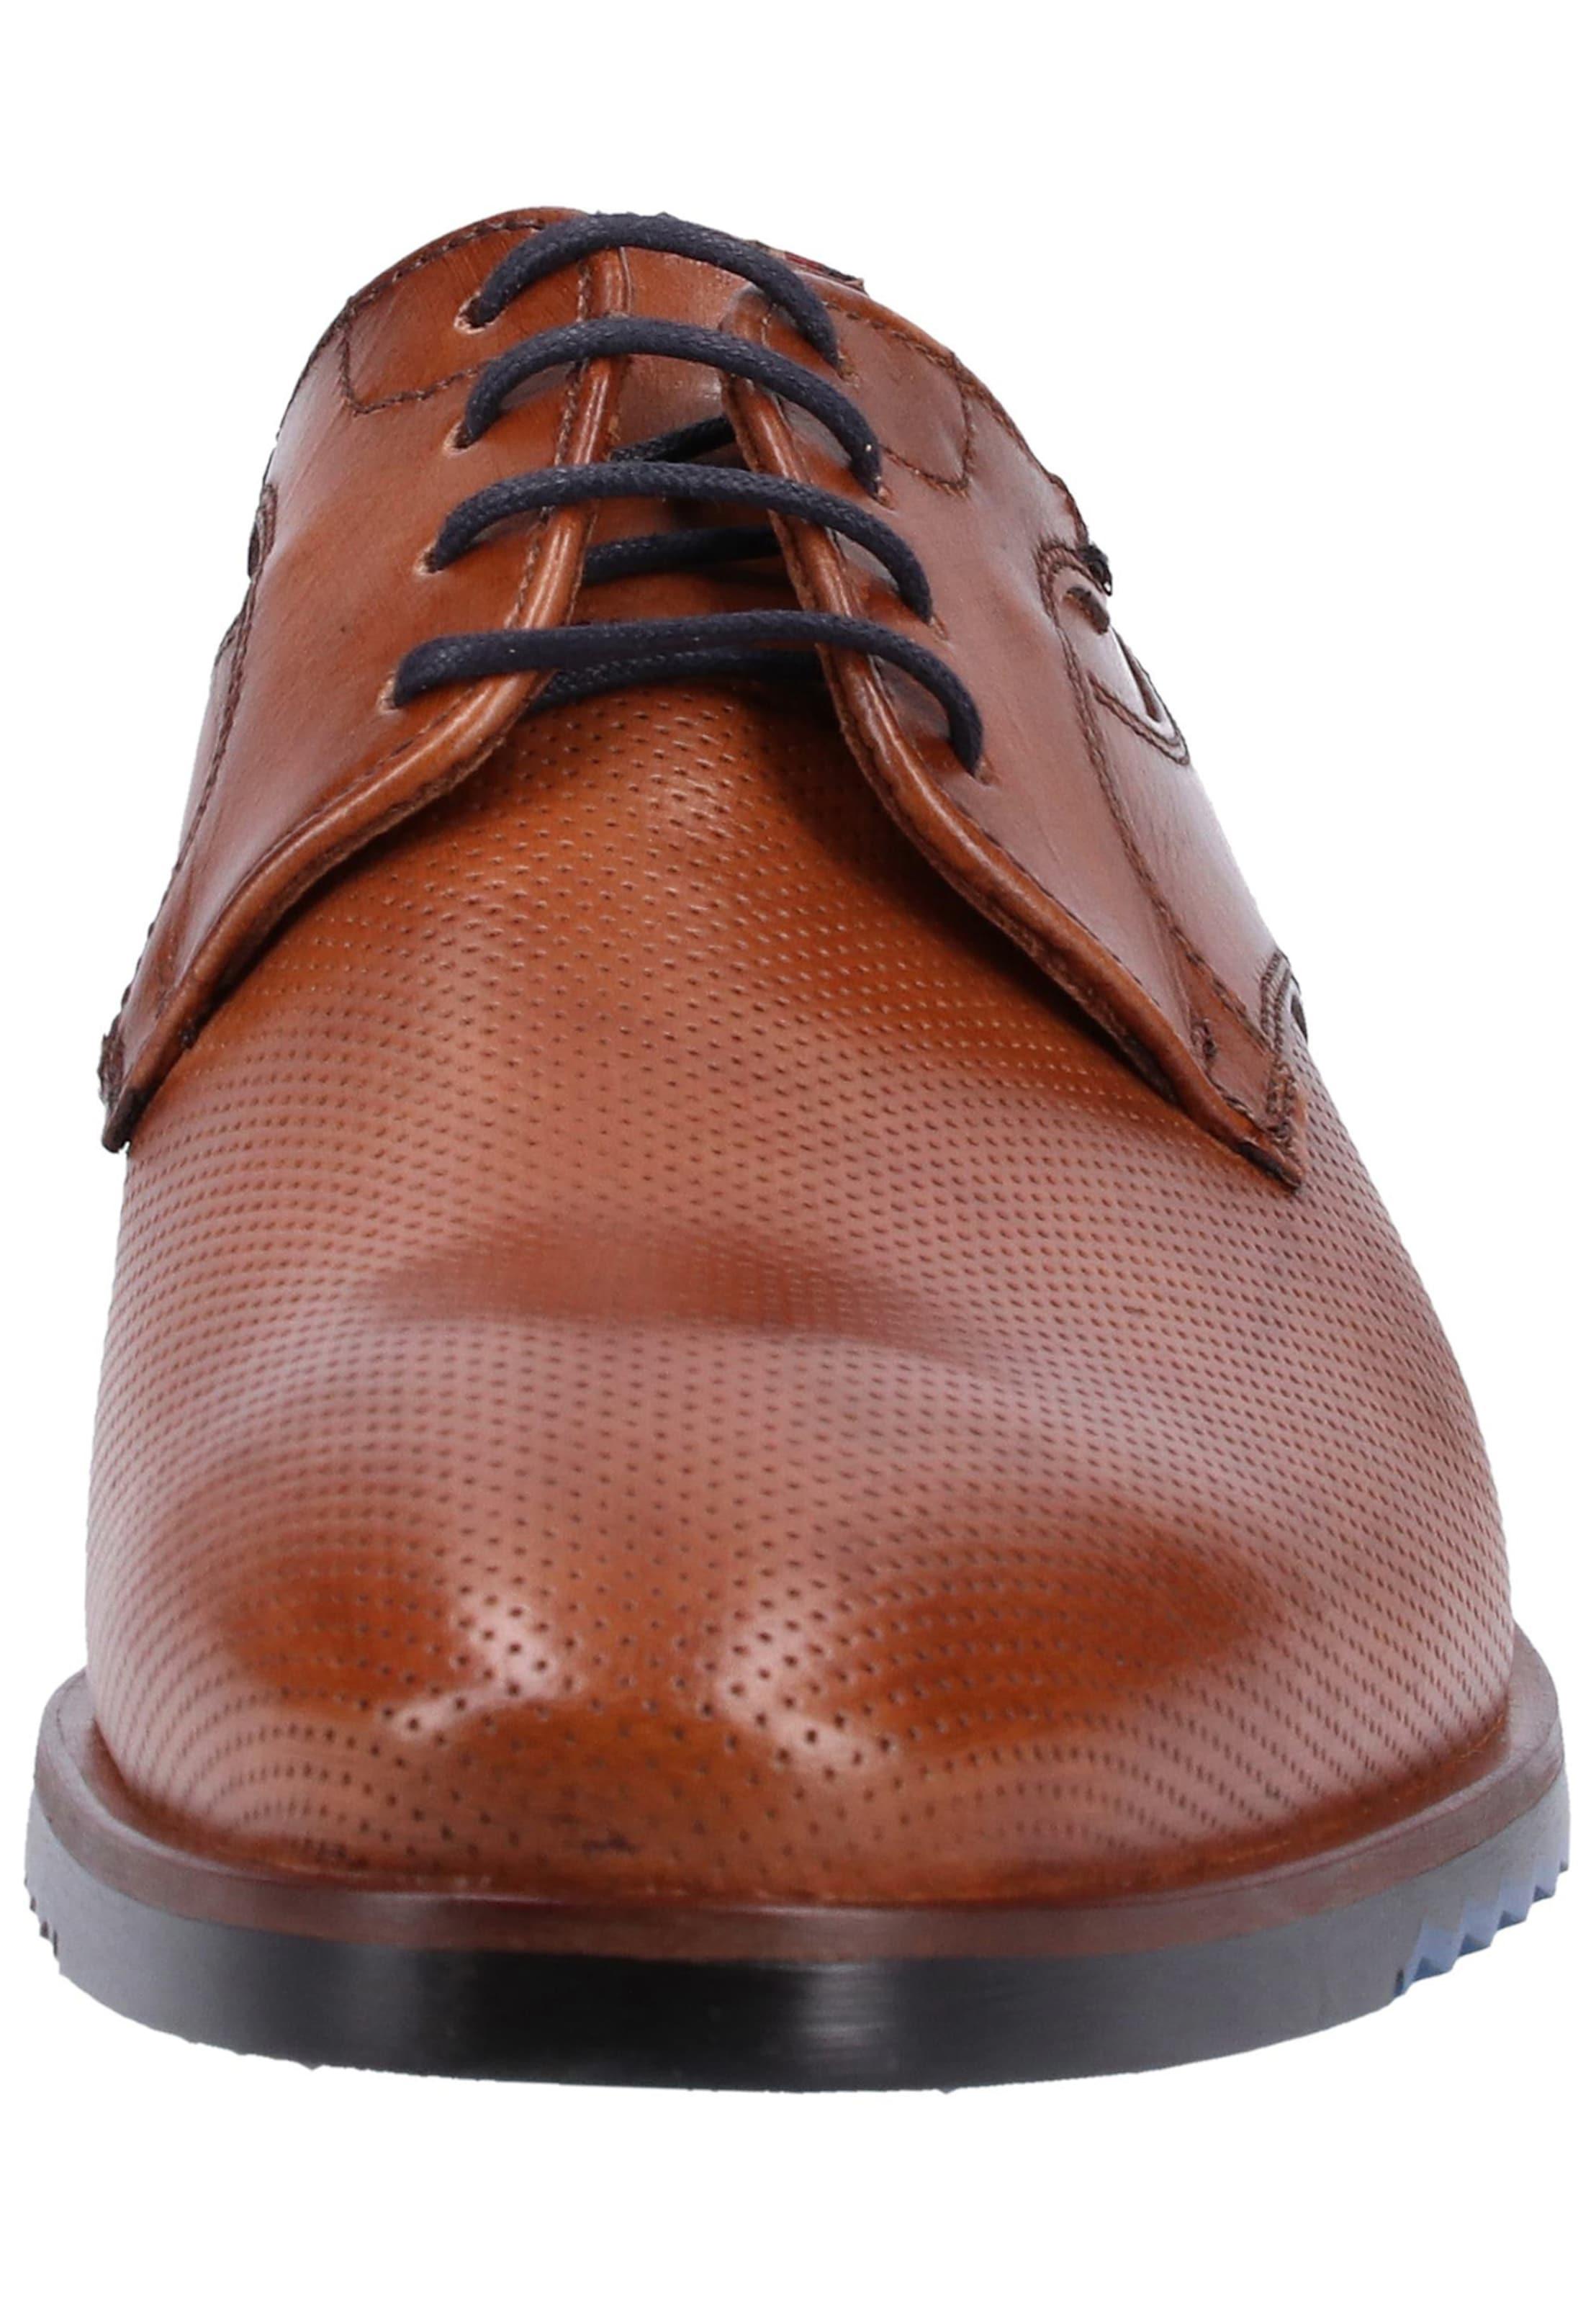 Lloyd Chaussure À Marron En Lacets jARq354L